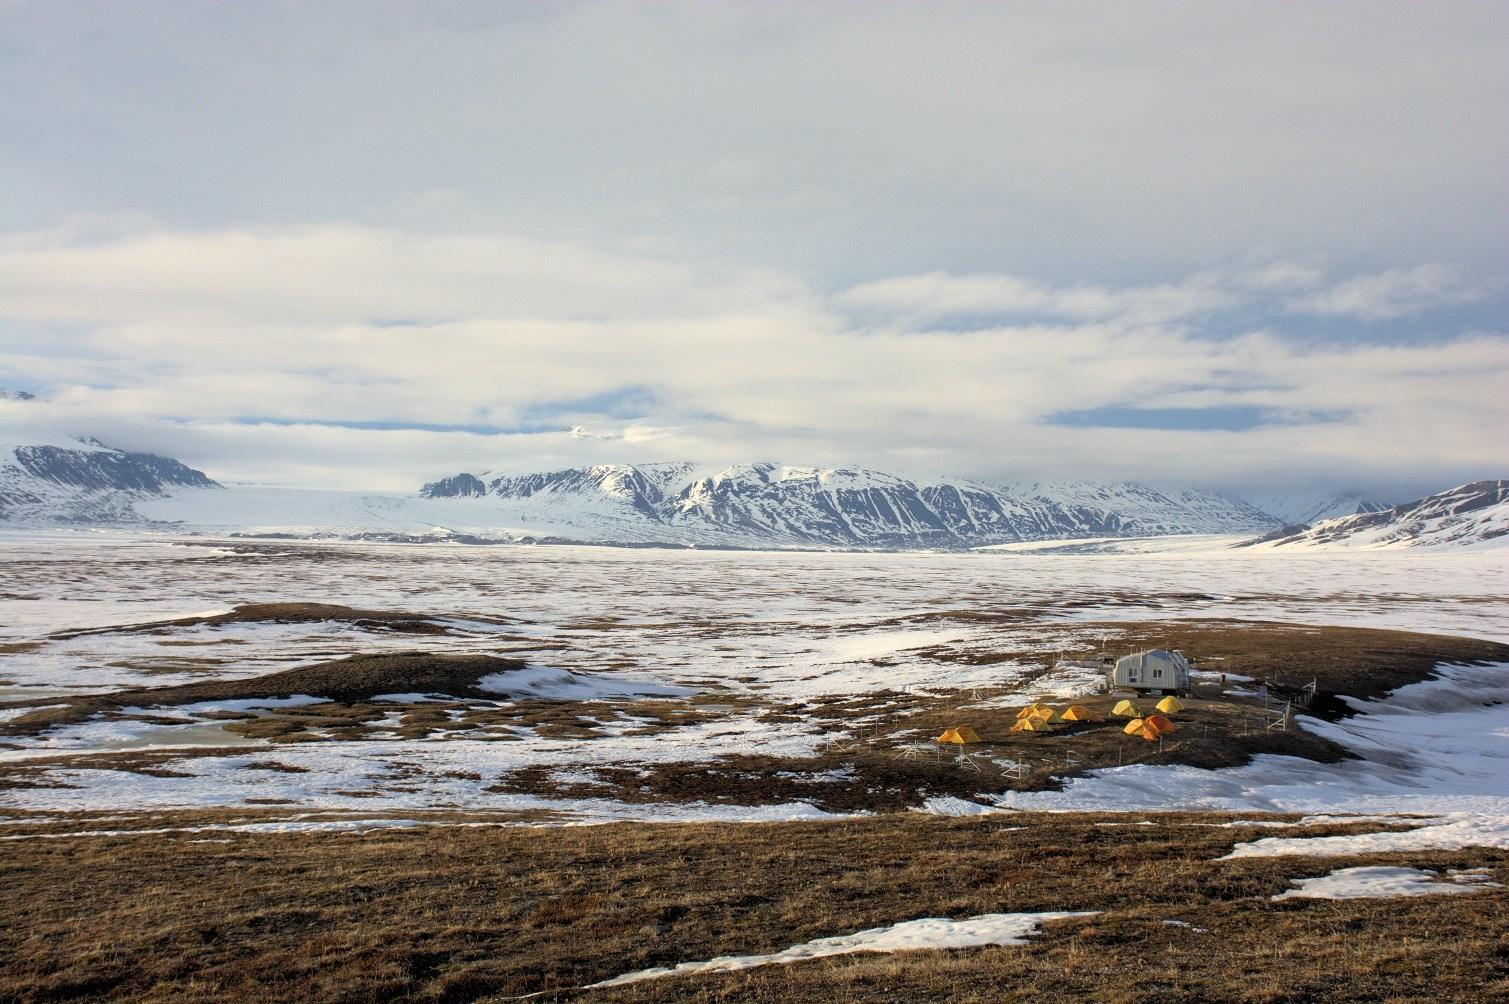 Paysage arctique montrant un camp de recherche et des montagnes en arrière-plan